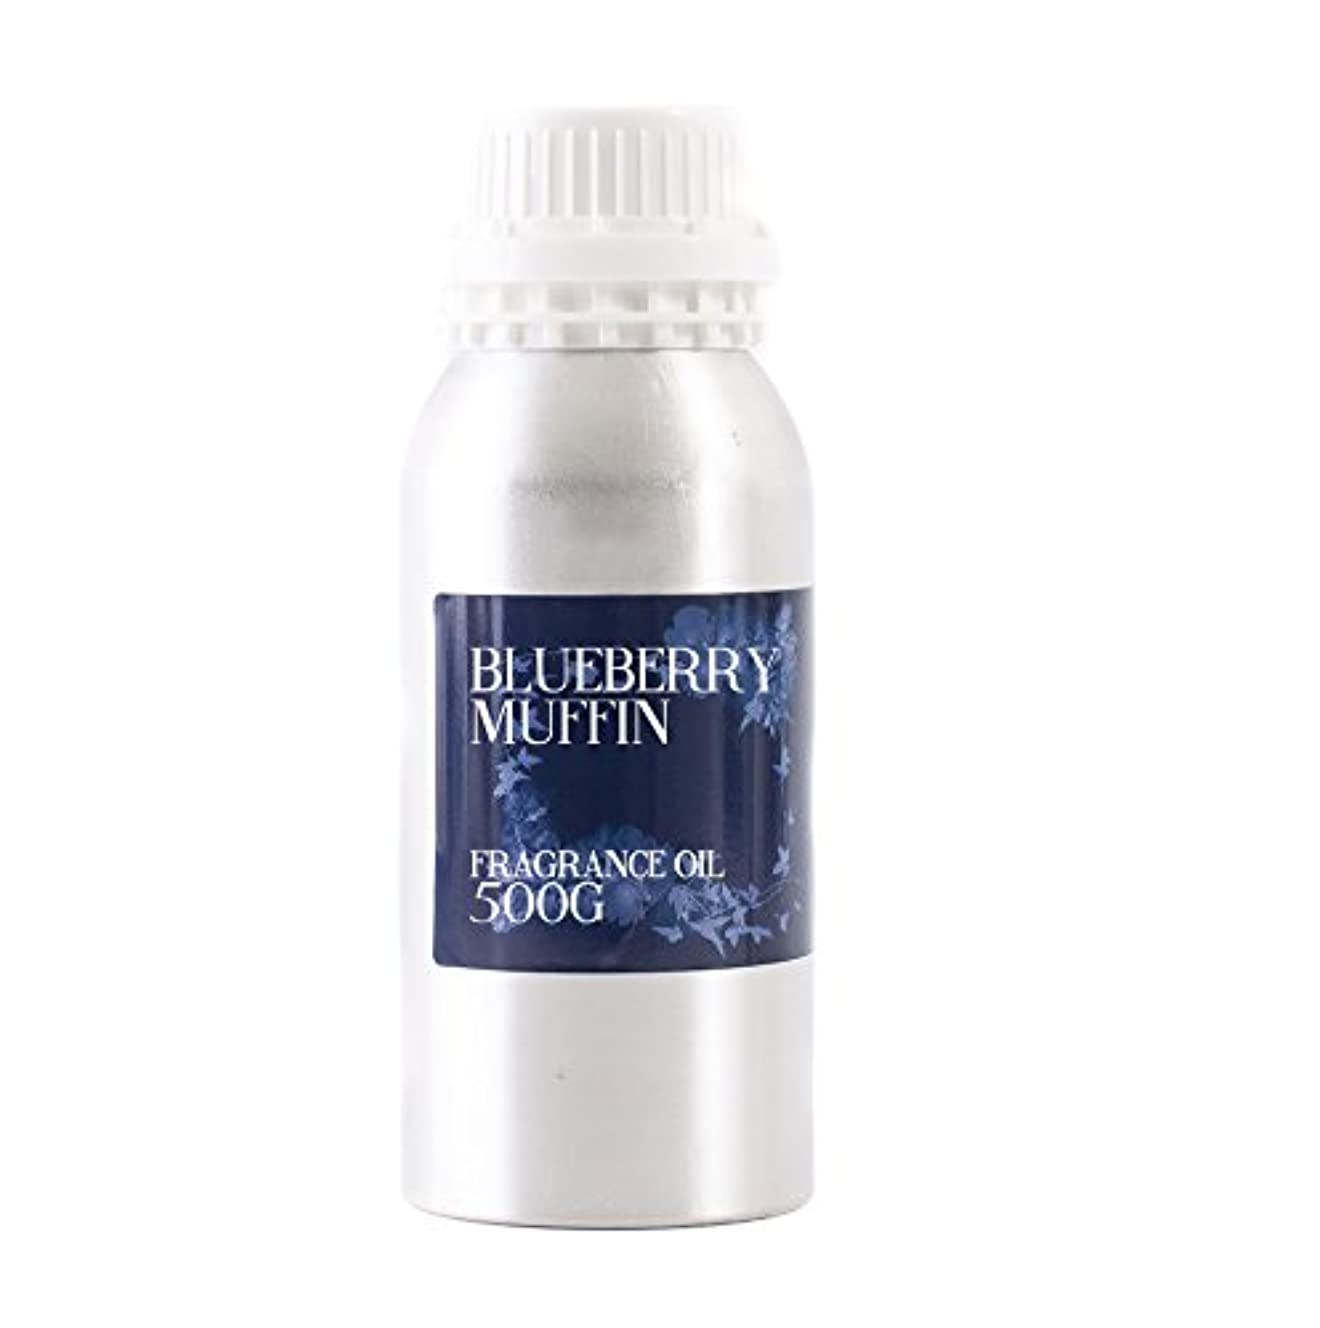 技術後悔観客Mystic Moments | Blueberry Muffin Fragrance Oil - 500g